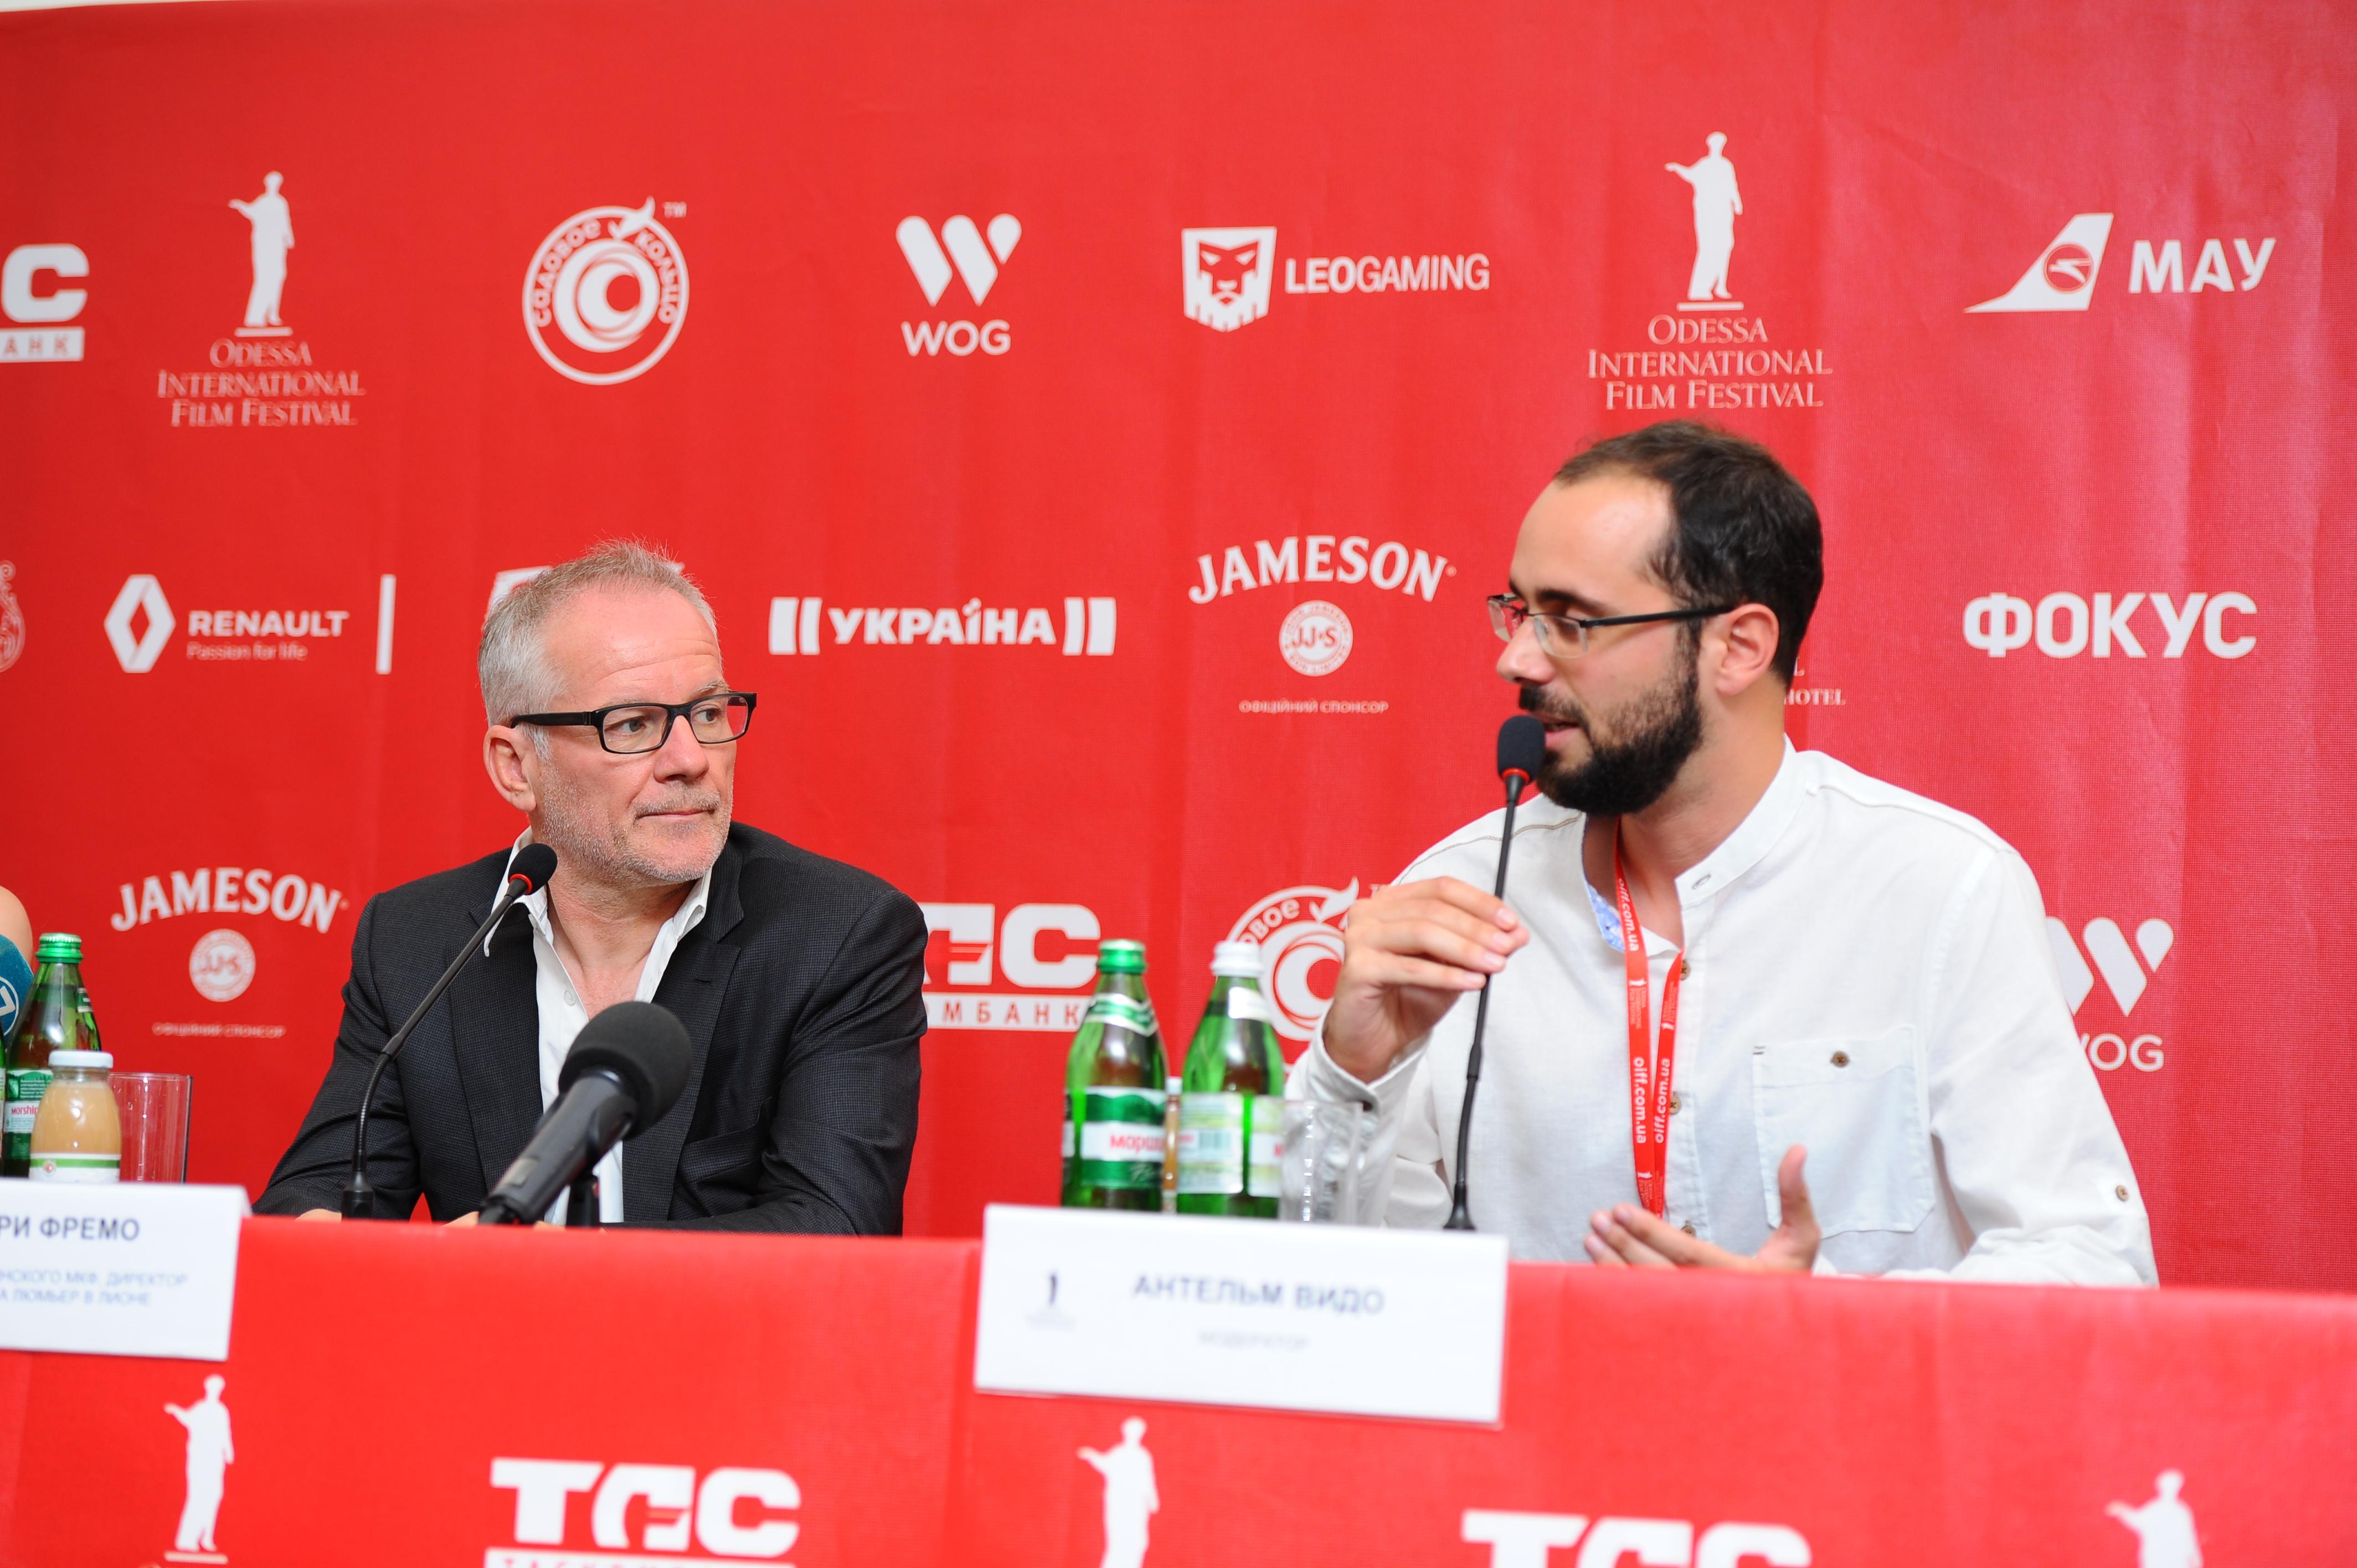 Пресс-конференция с Тьерри Фремо